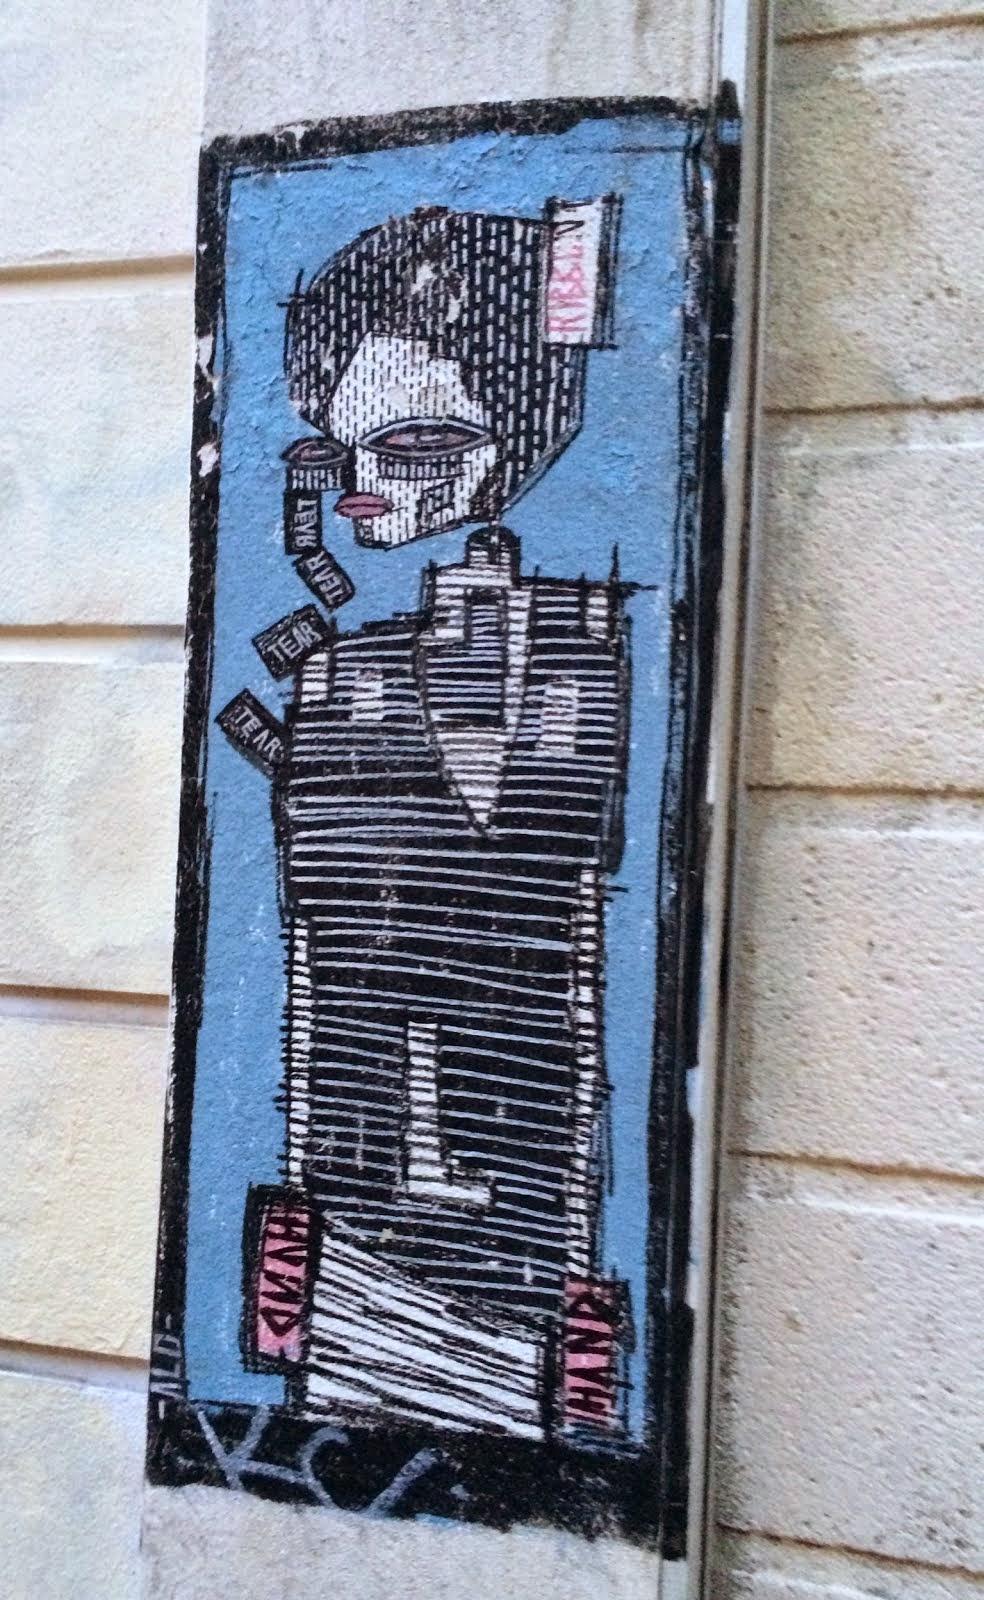 Brick Lane: Perfectly Amusing: Brick Lane Graffiti